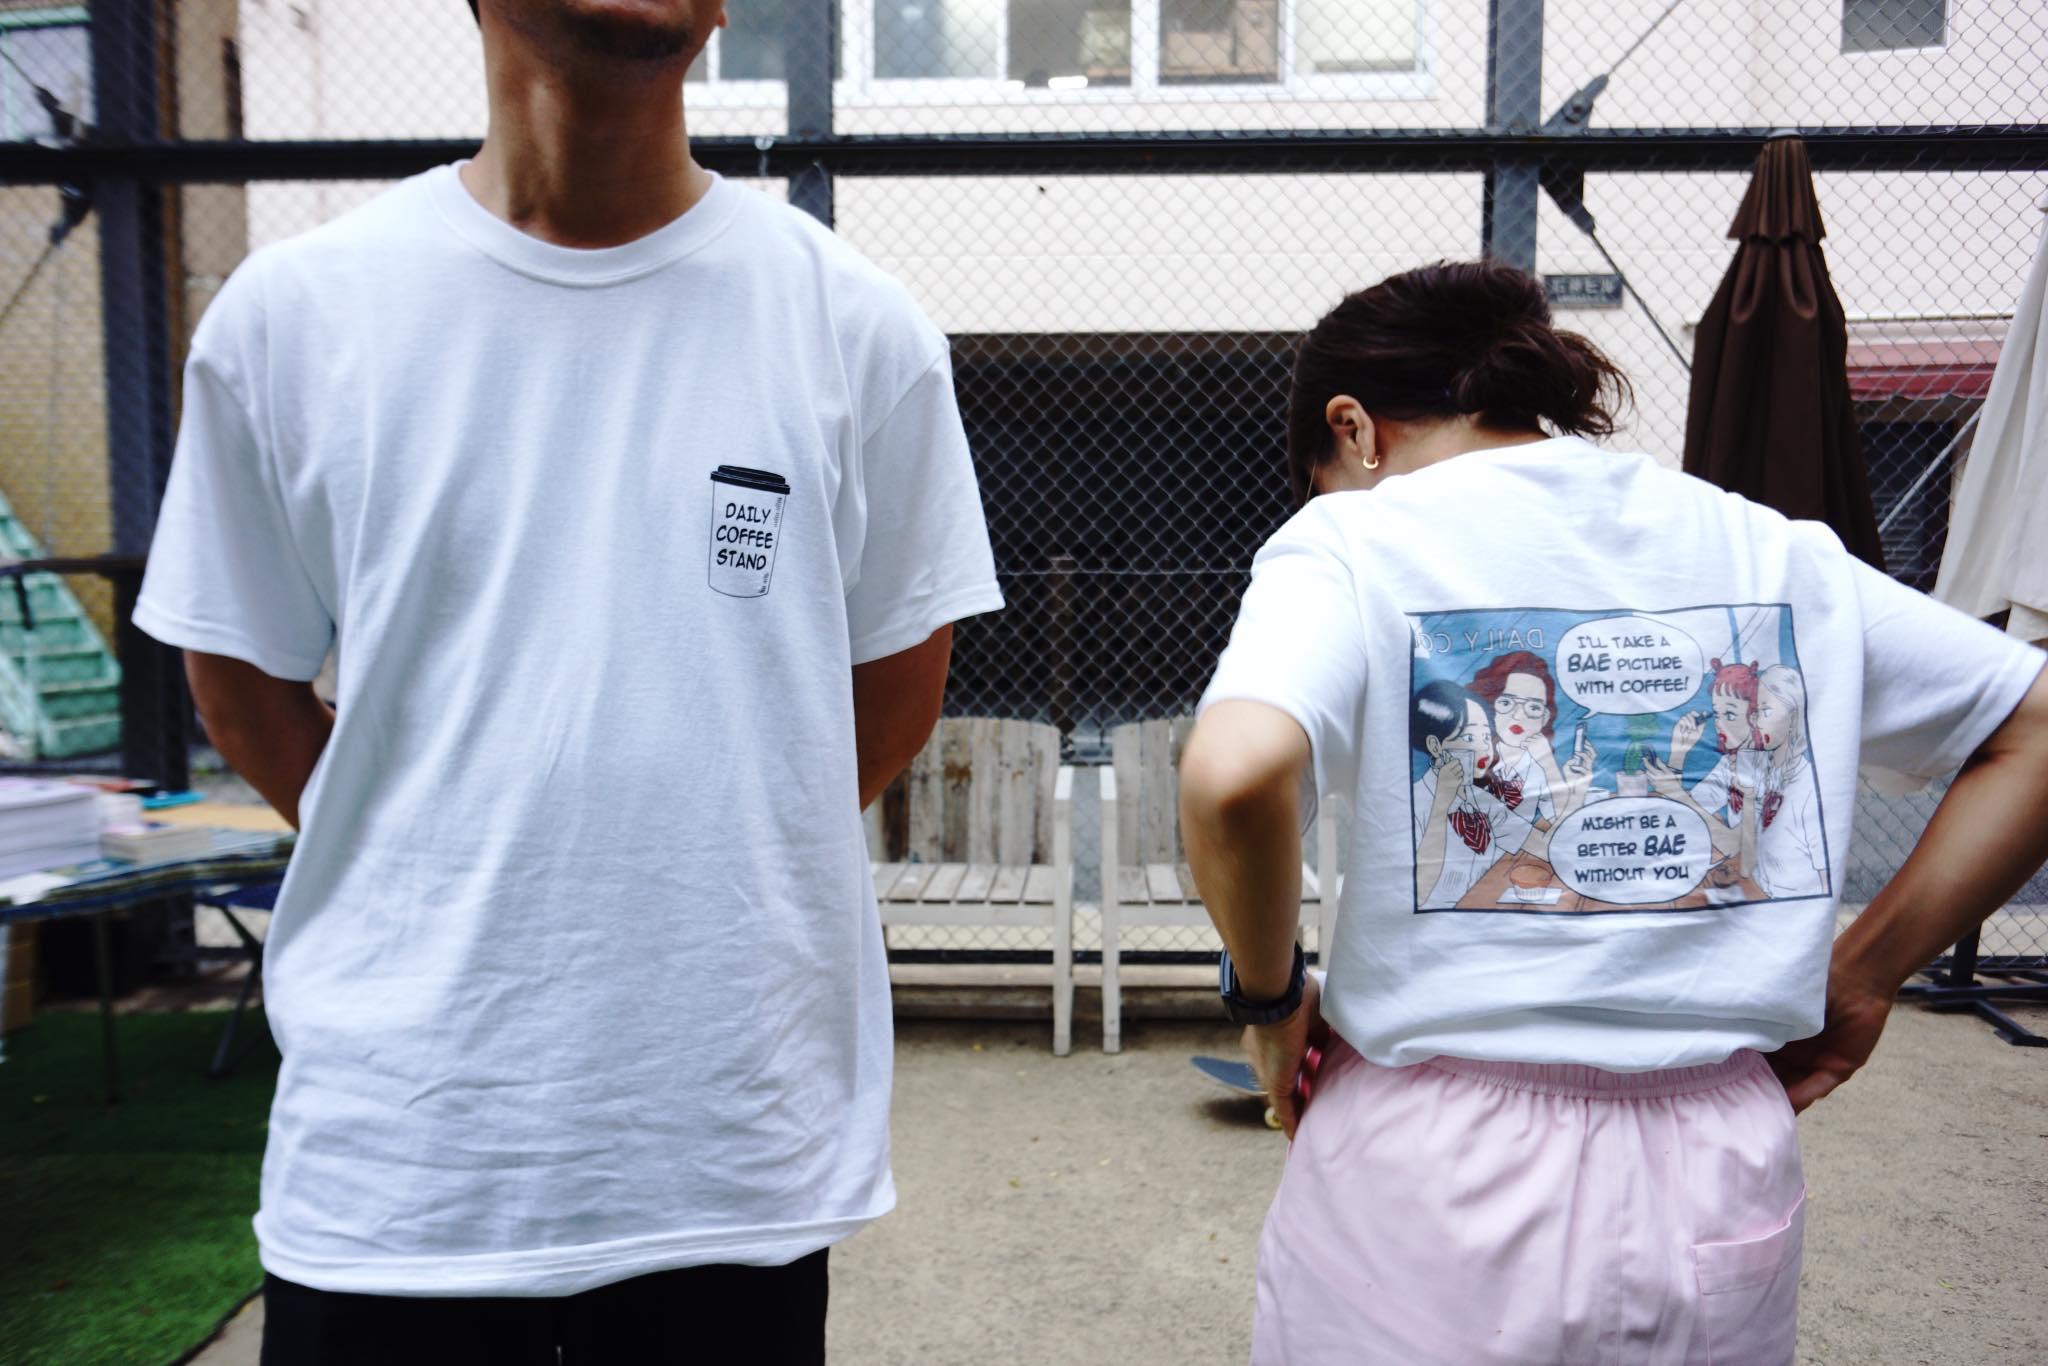 展示も行った漫画家・マキヒロチのイラストを掲載したTシャツ。